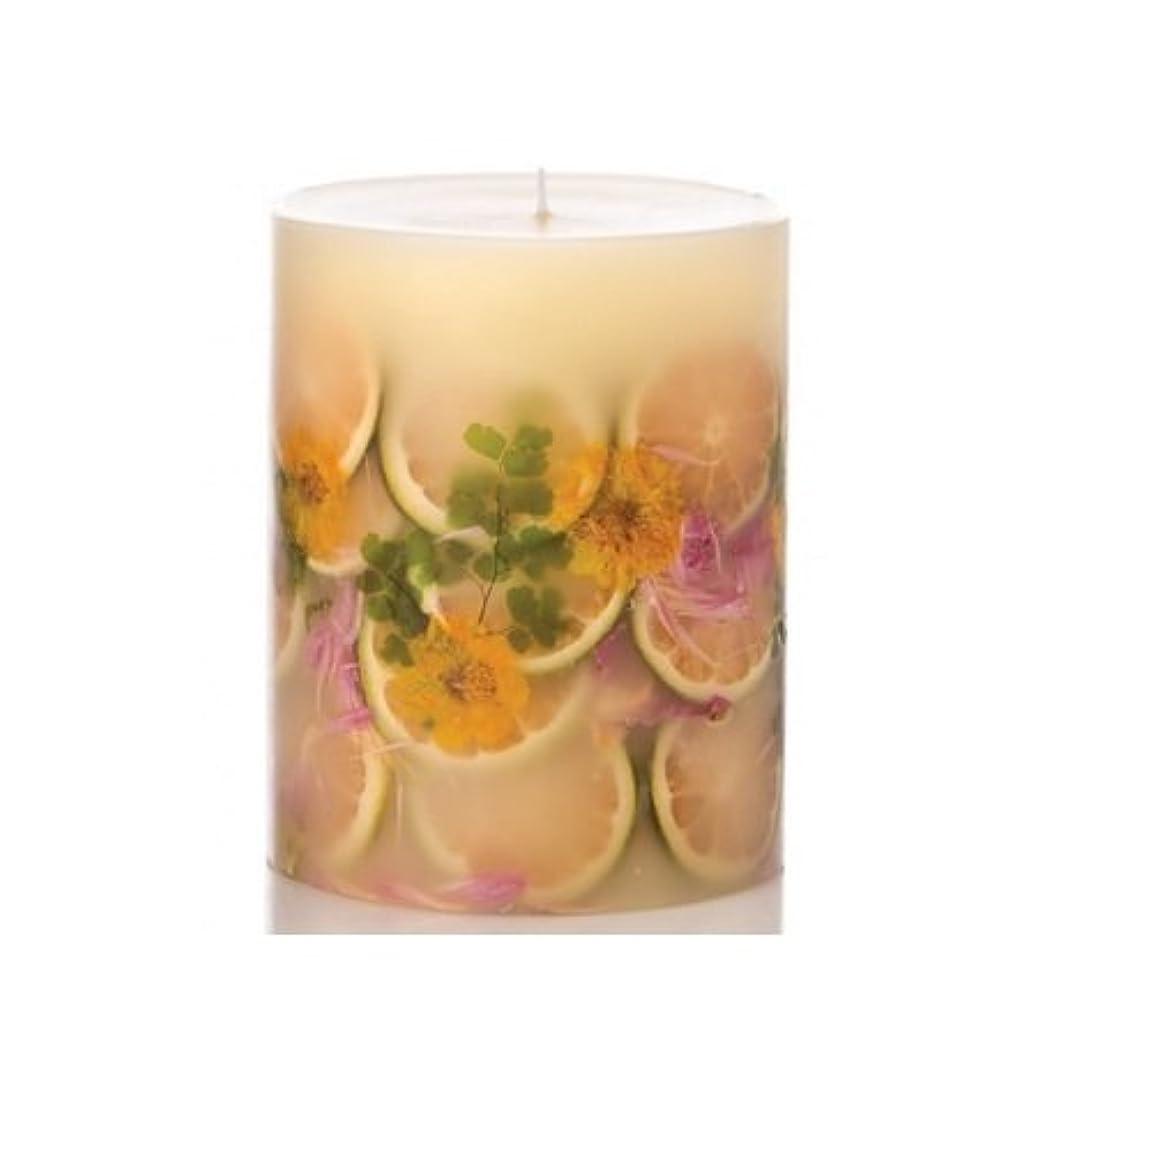 検査オークションメトリックRosy Rings Lemon Blossom & Lycheeトールラウンド香りのキャンドル、5